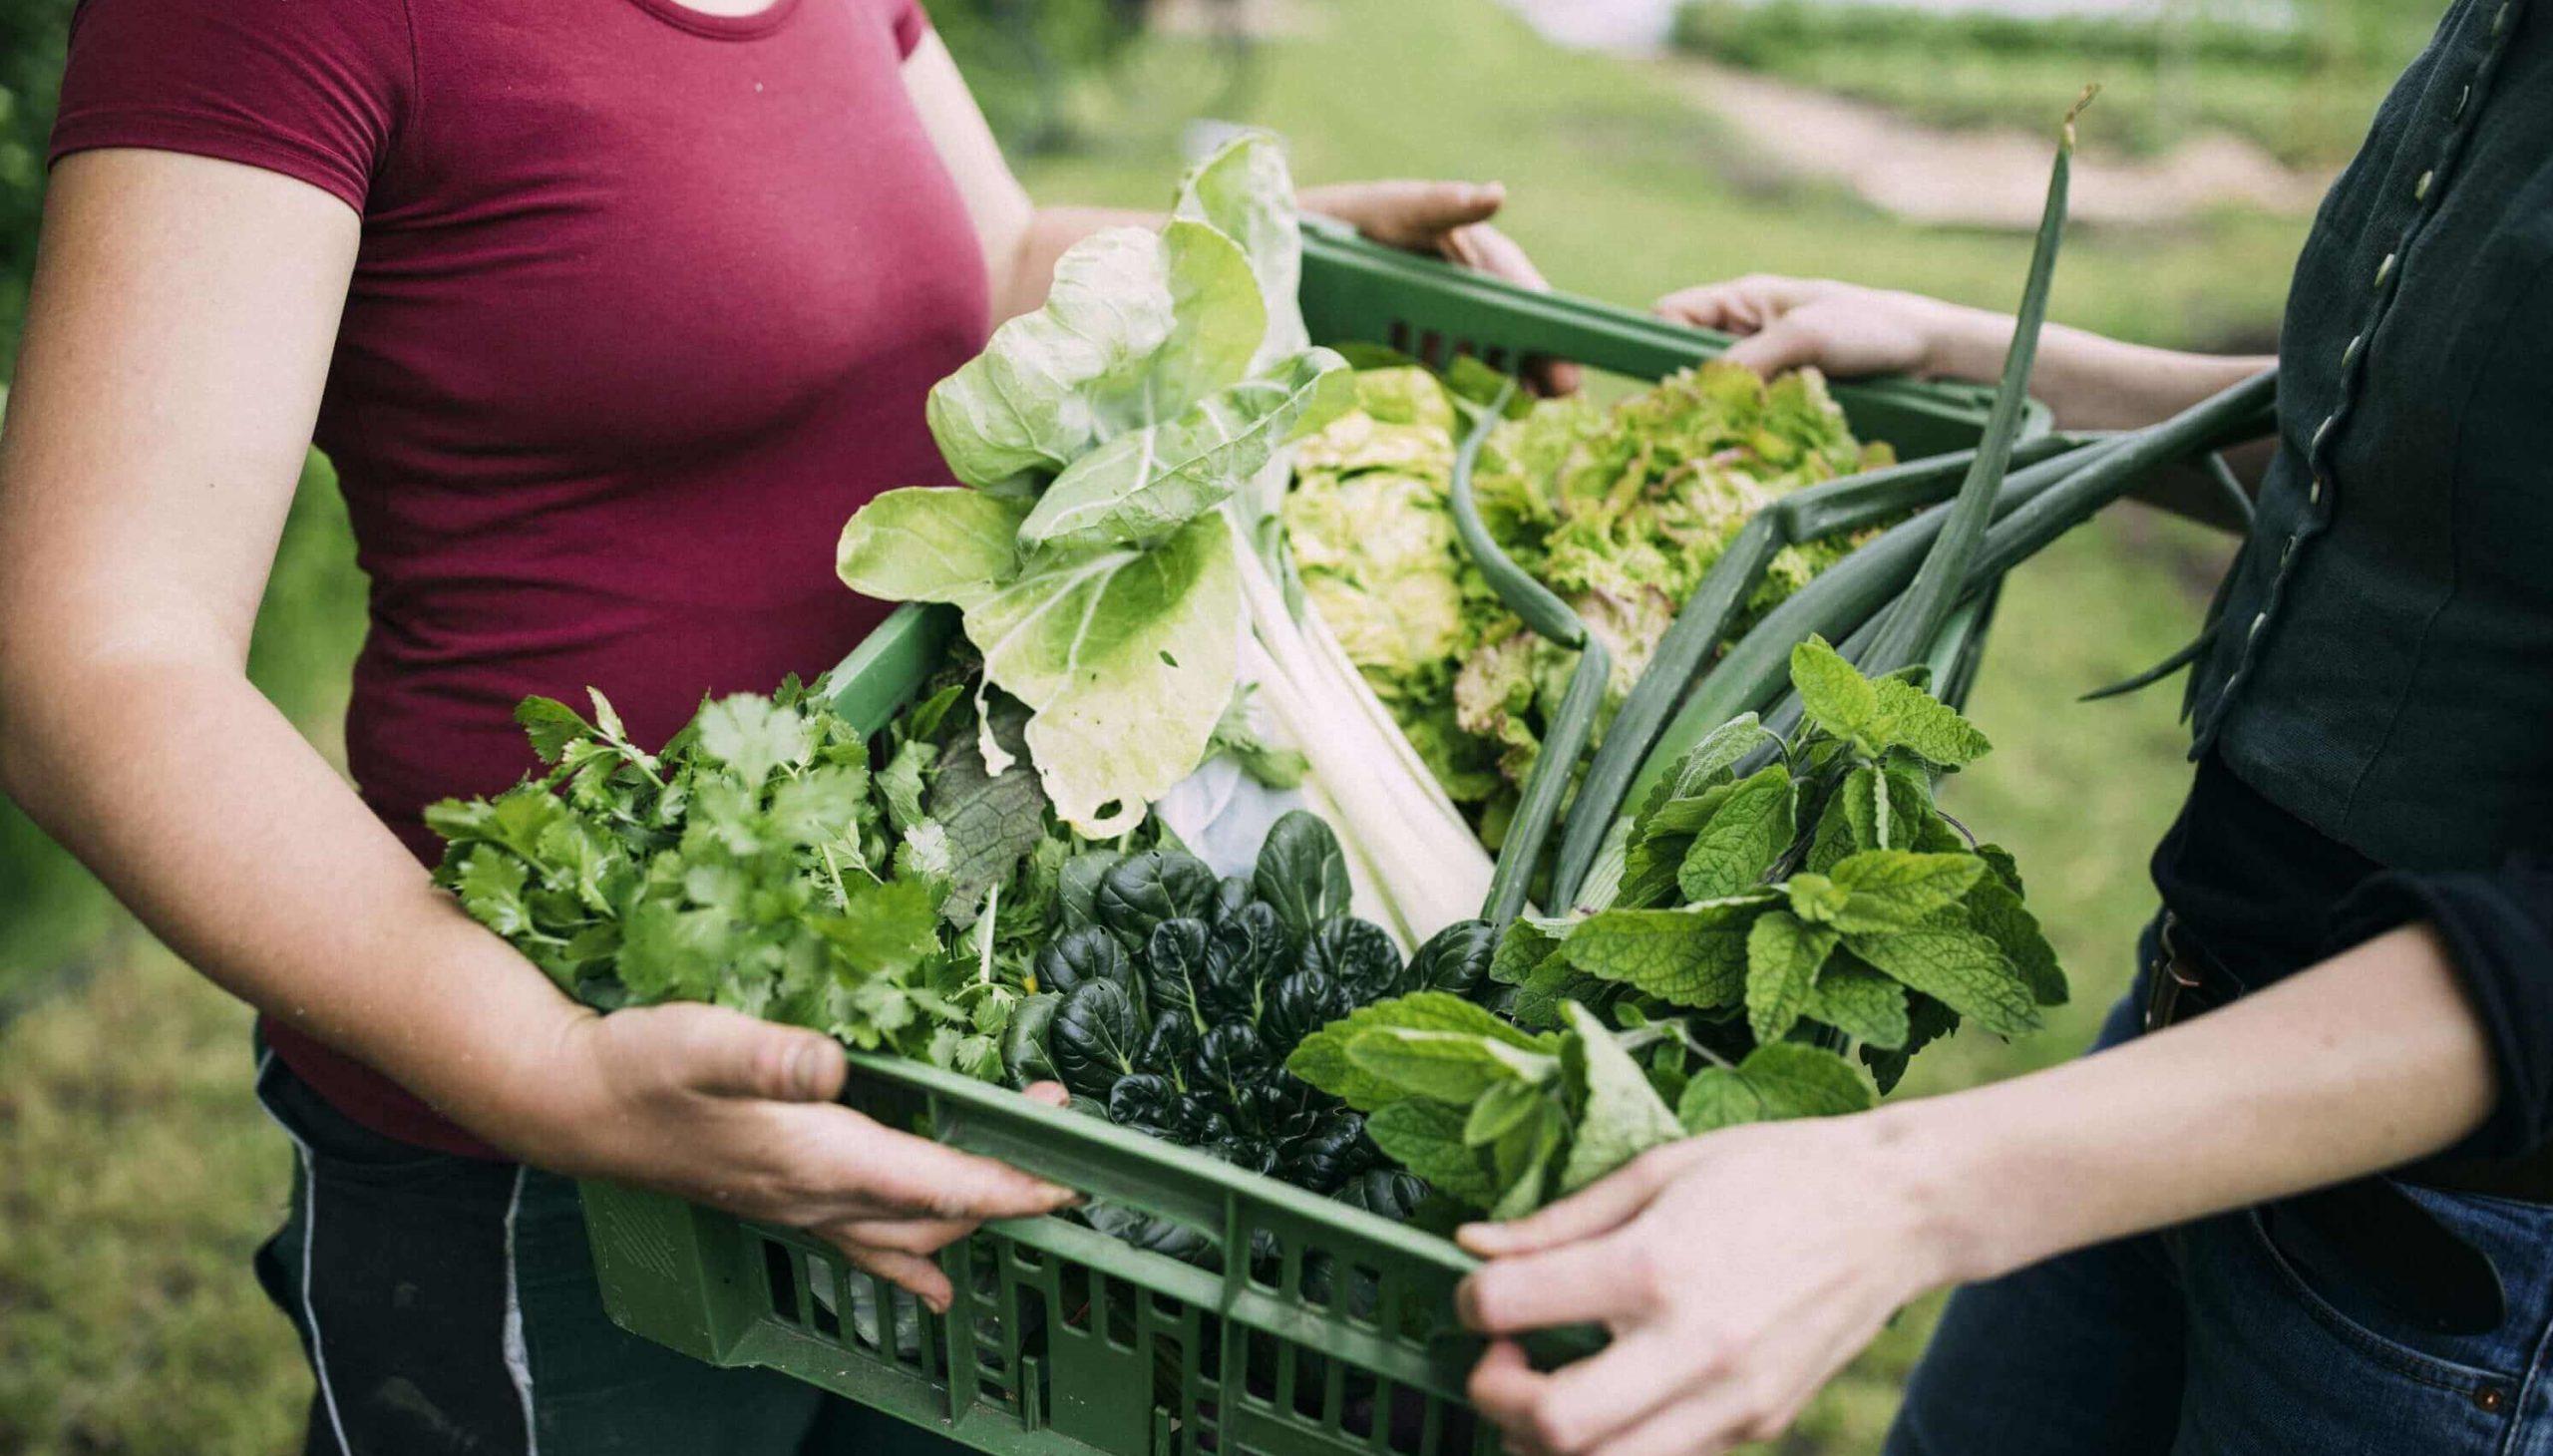 Selbstversorgung mit Gemüse, Kräutern und Früchten